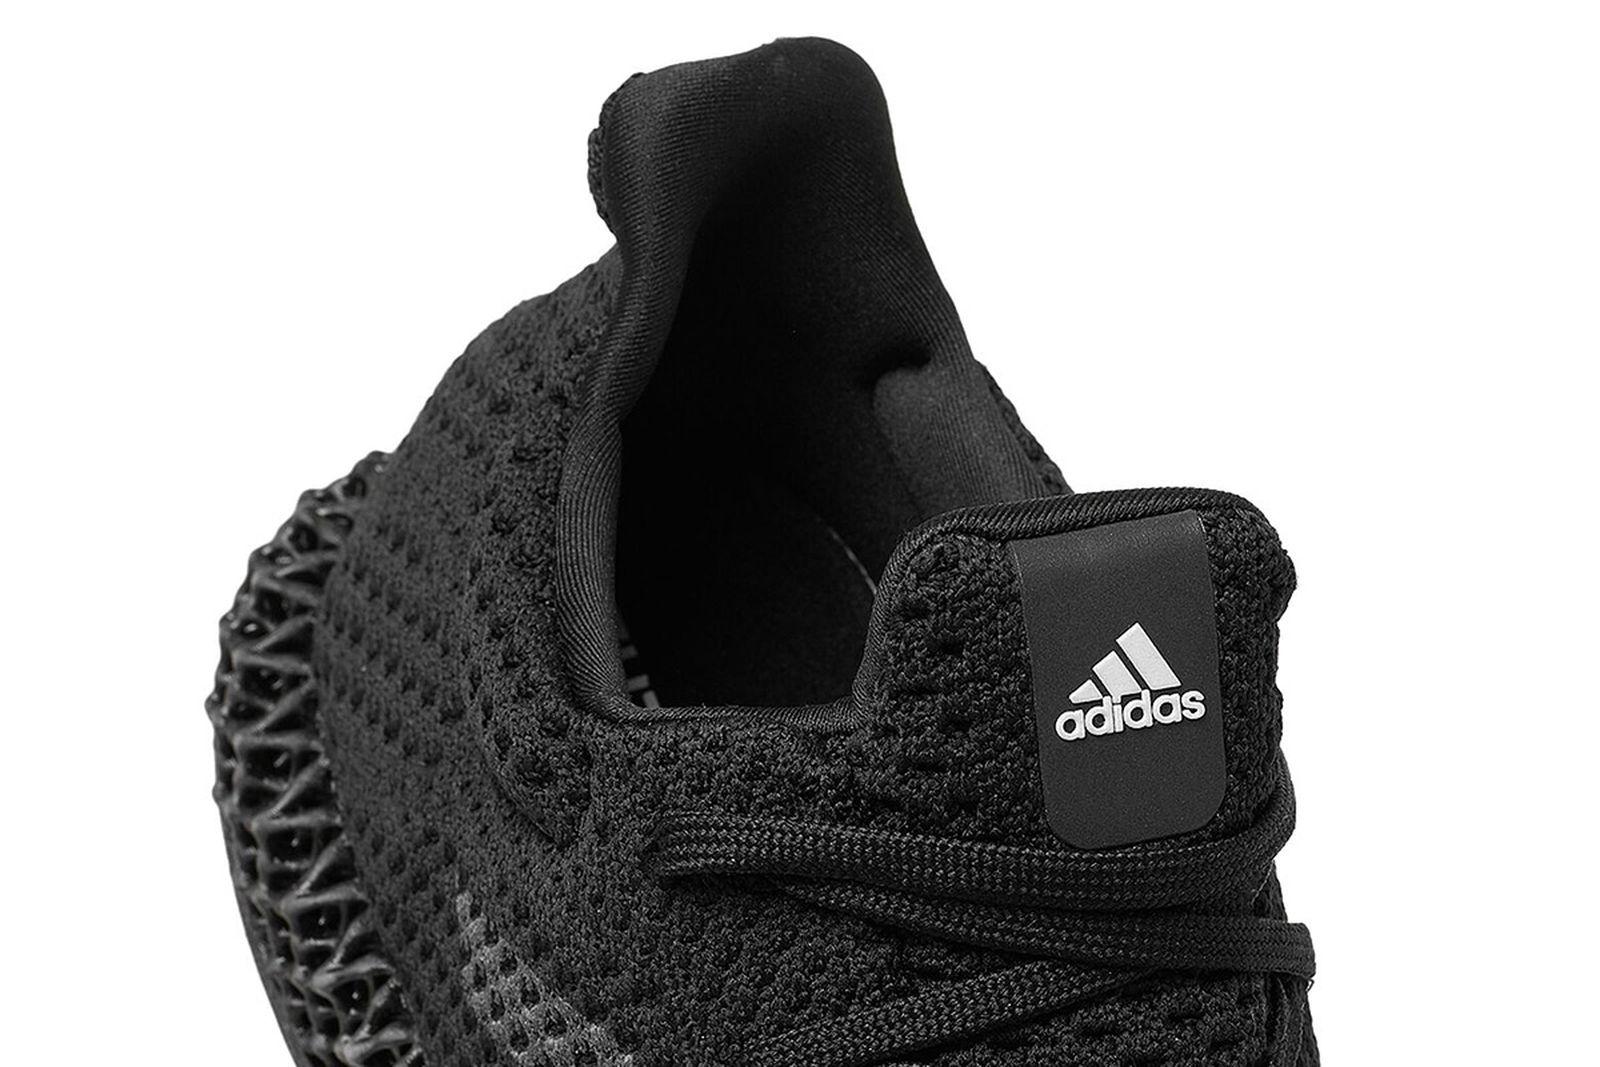 adidas-4d-futurecraft-triple-black-release-date-price-03